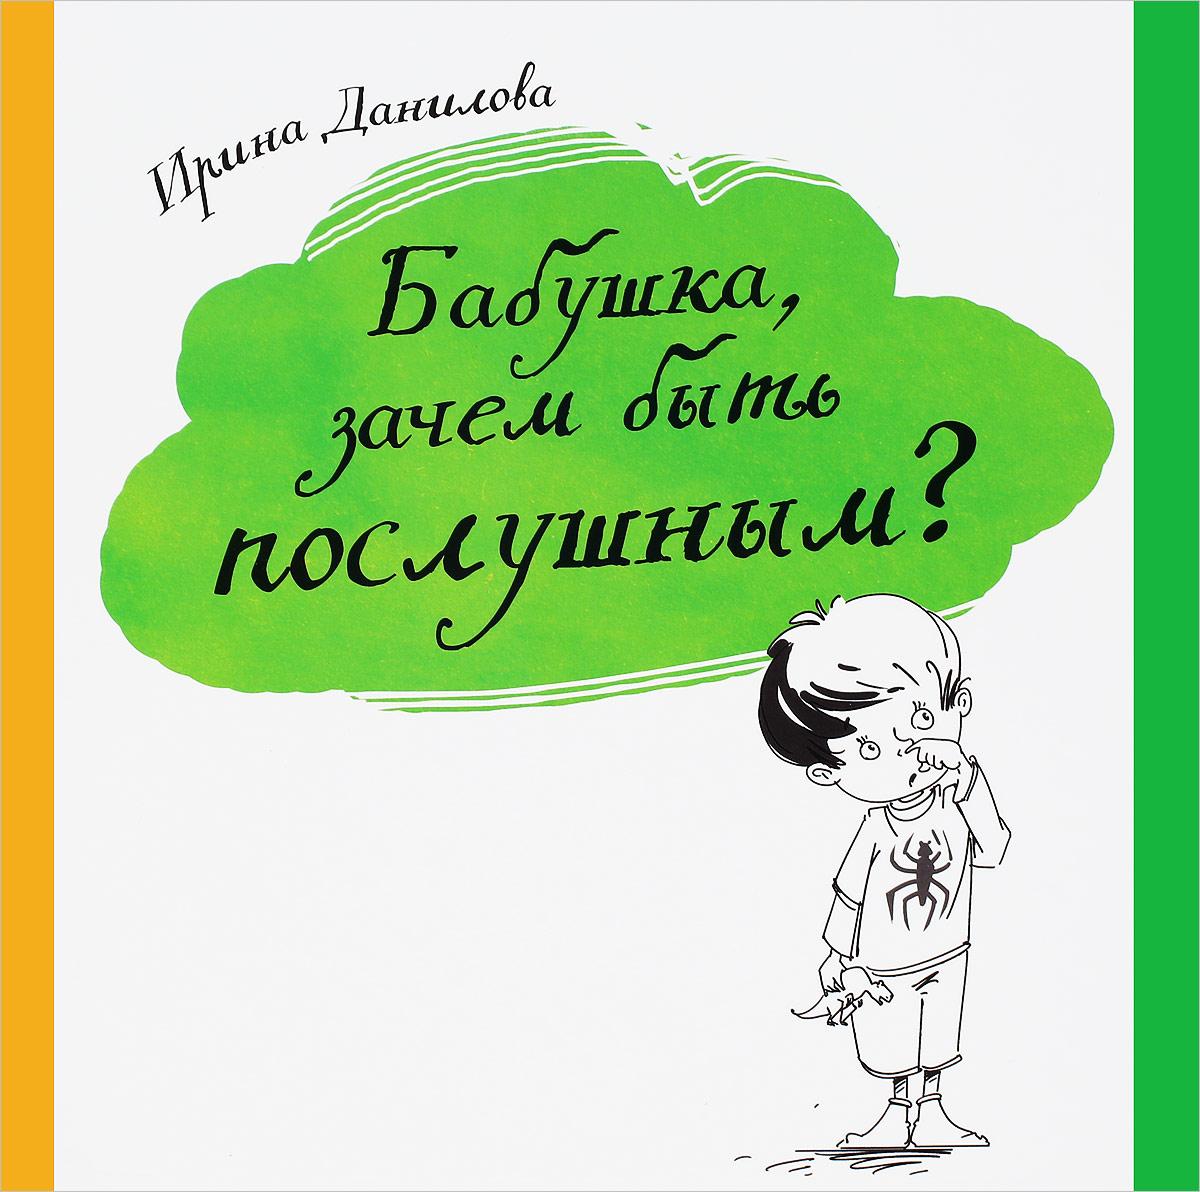 Фото Ирина Данилова Бабушка, зачем быть послушным?. Купить  в РФ